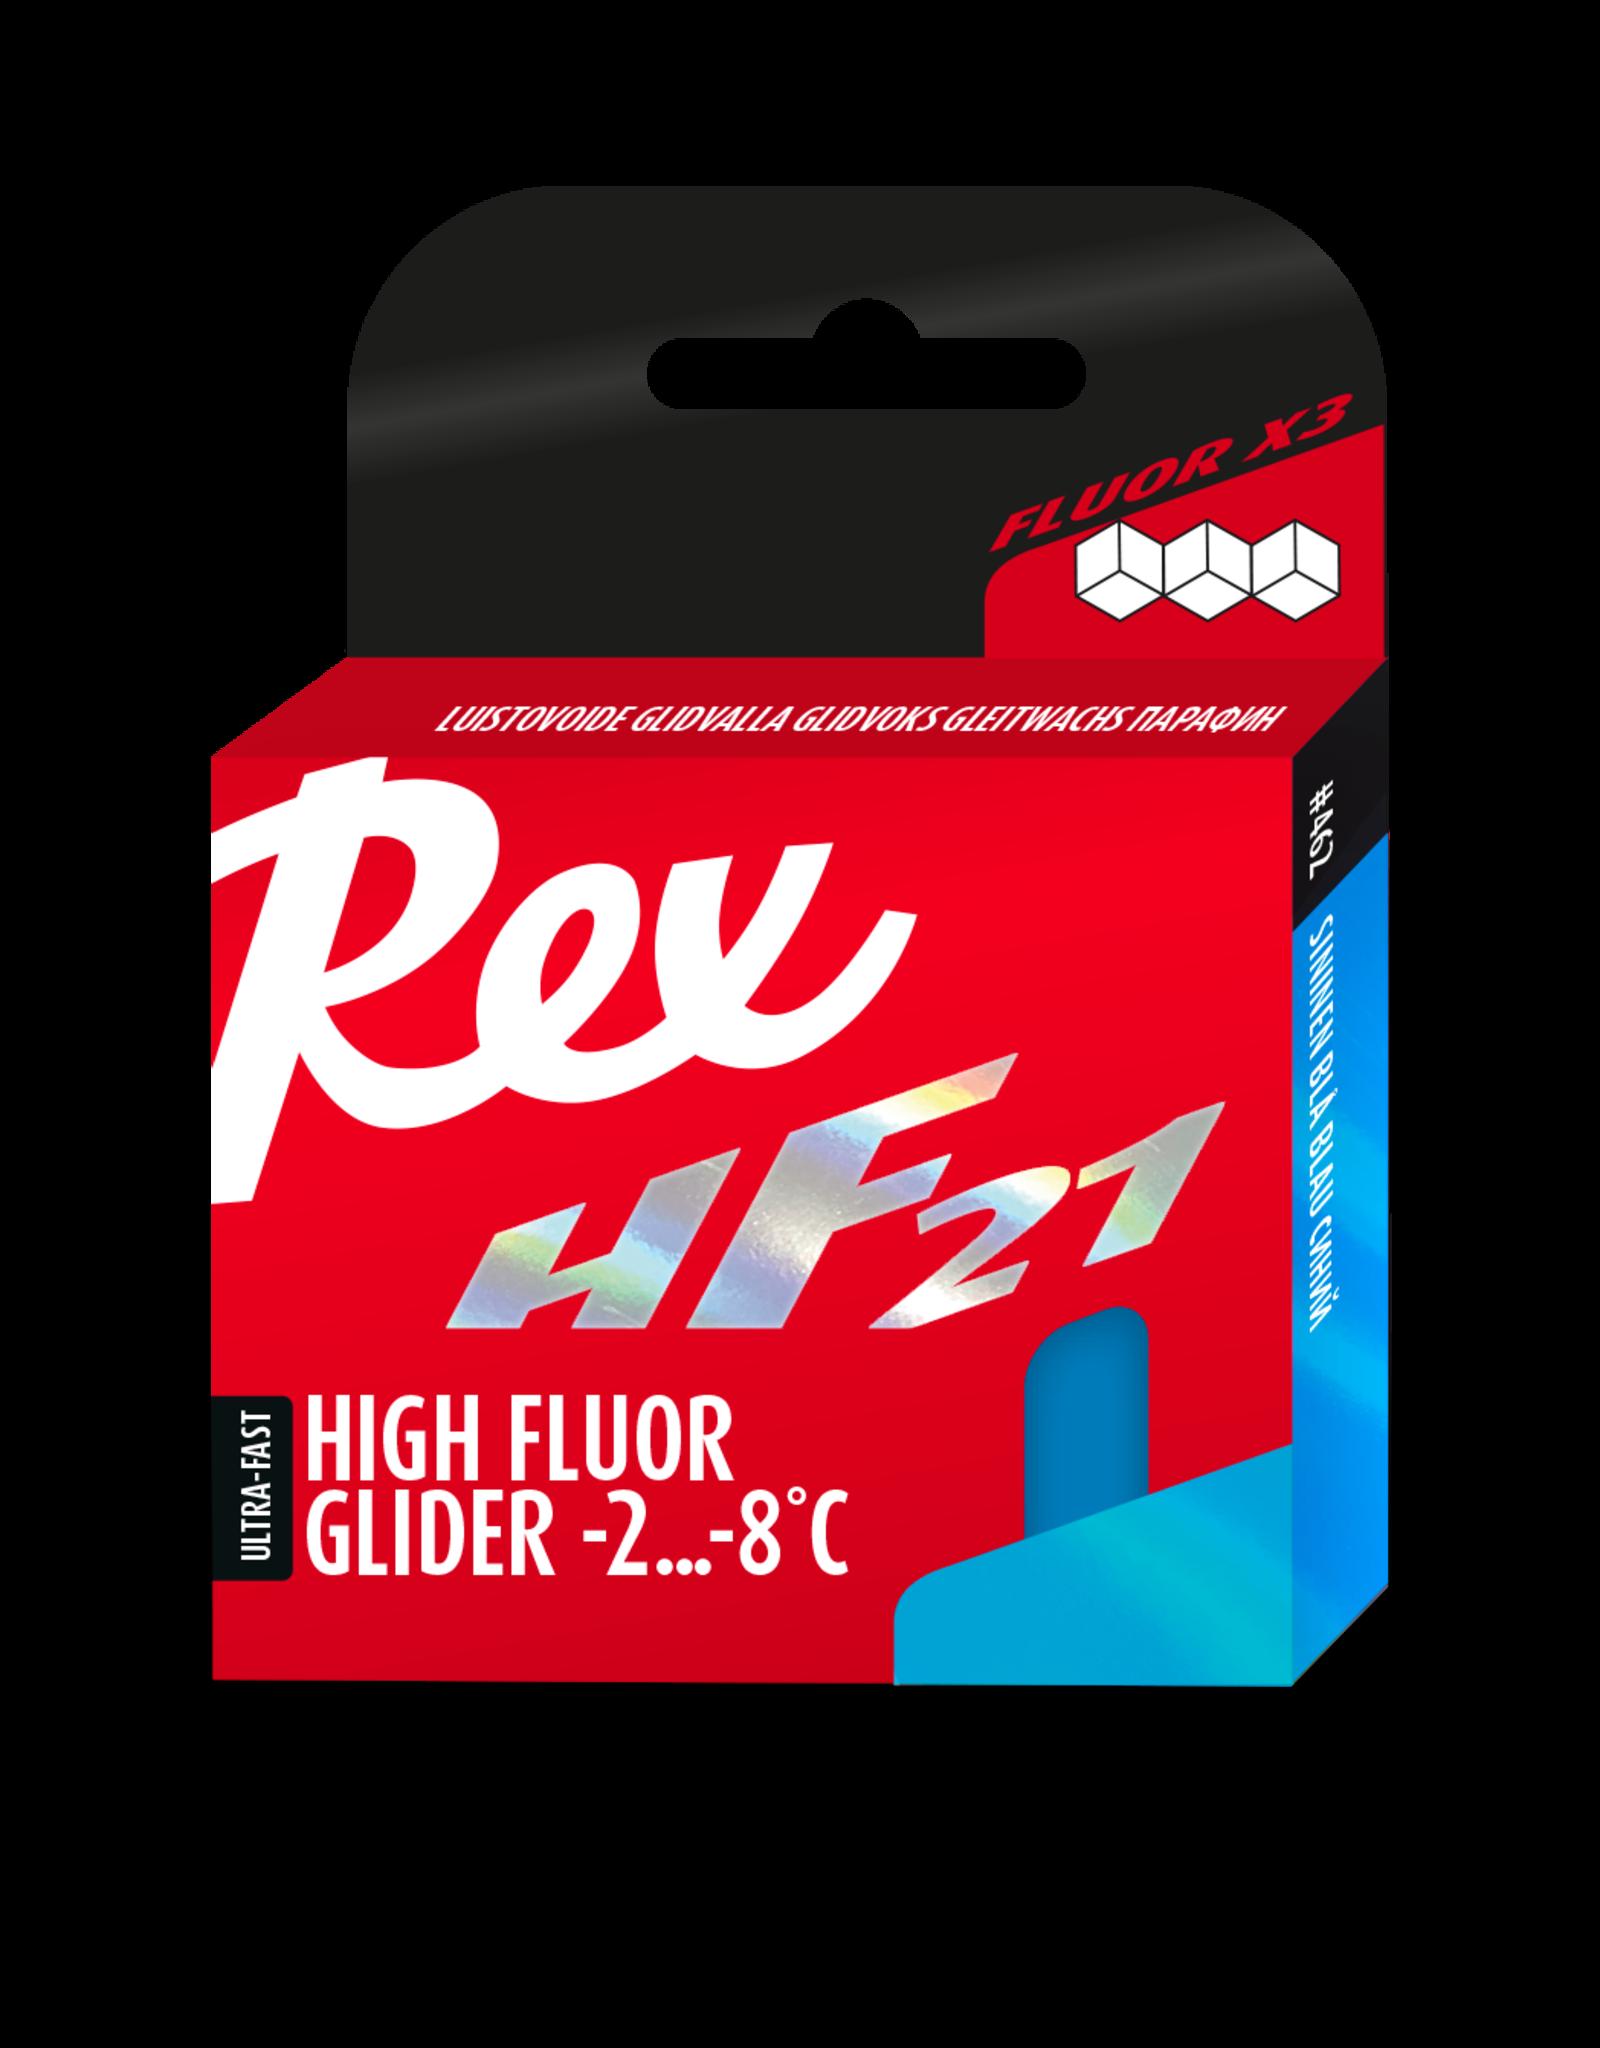 Rex Rex Glide HF21 Blue